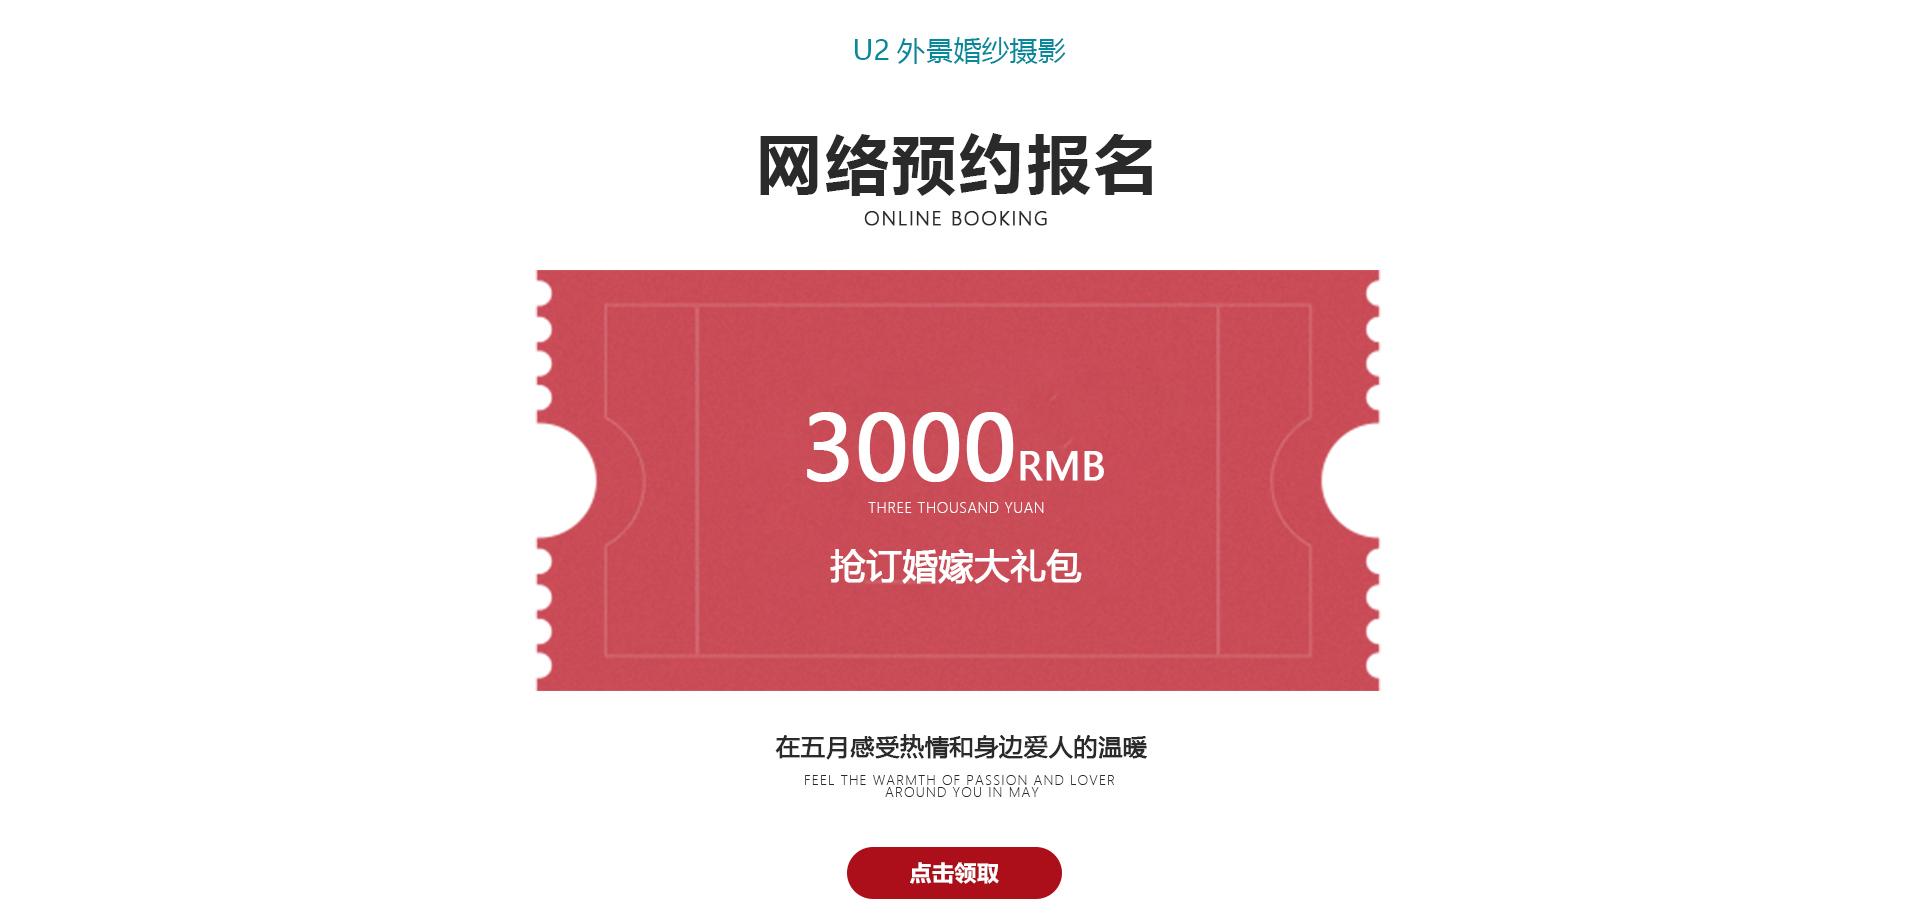 2019五一・抢档黄金周